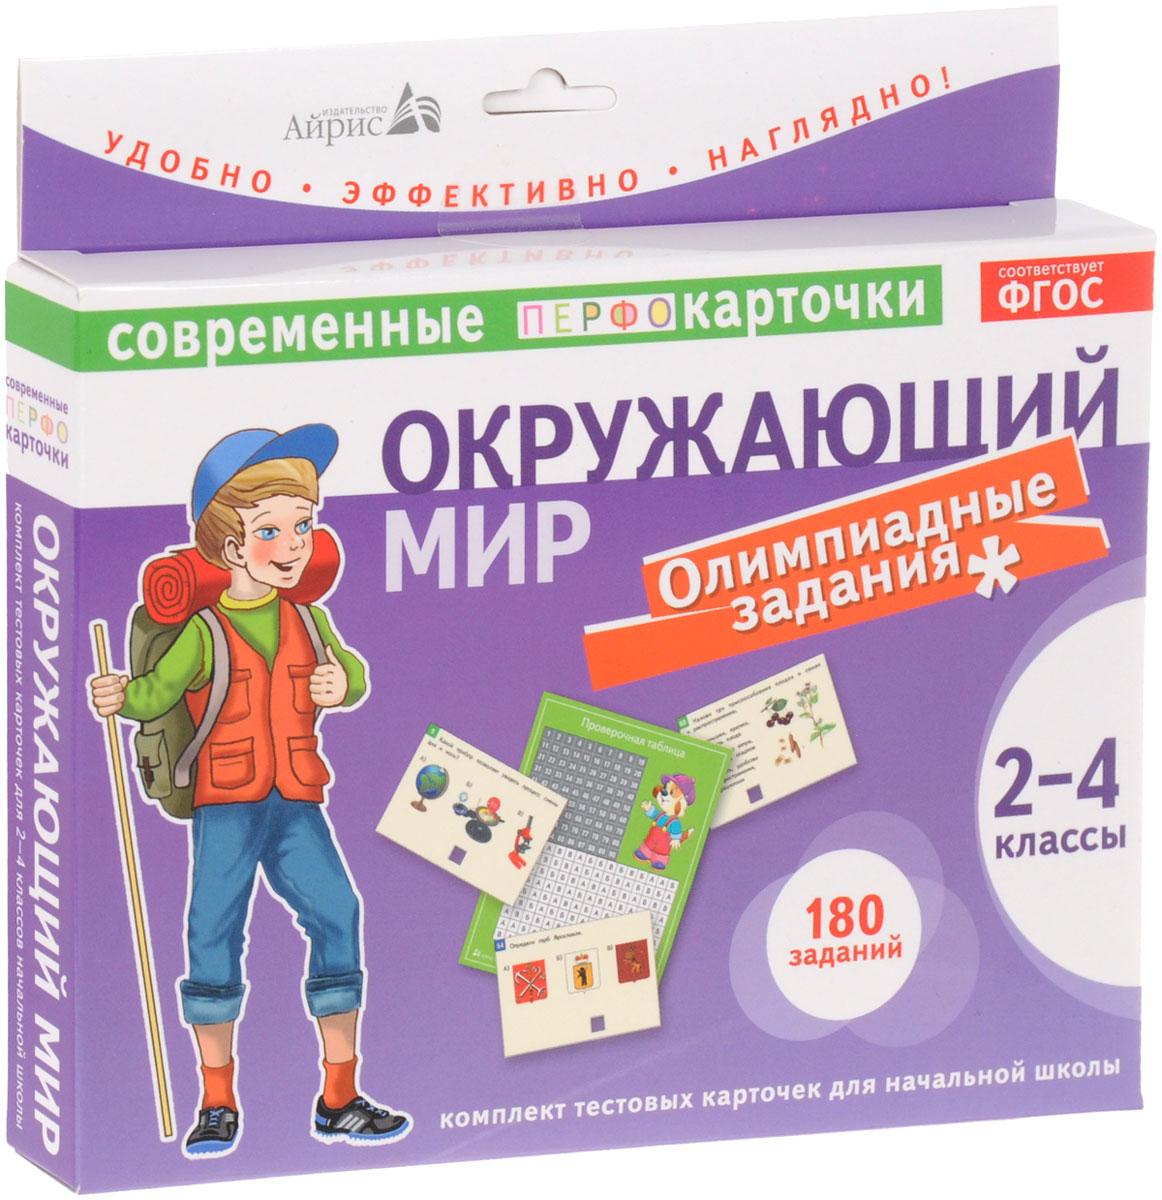 Zakazat.ru: Окружающий мир. Олимпиадные задачи. 2-4 класс (комплект из 90 тестовых карточек + проверочная таблица). Е. В. Клепинина, З. А. Клепинина